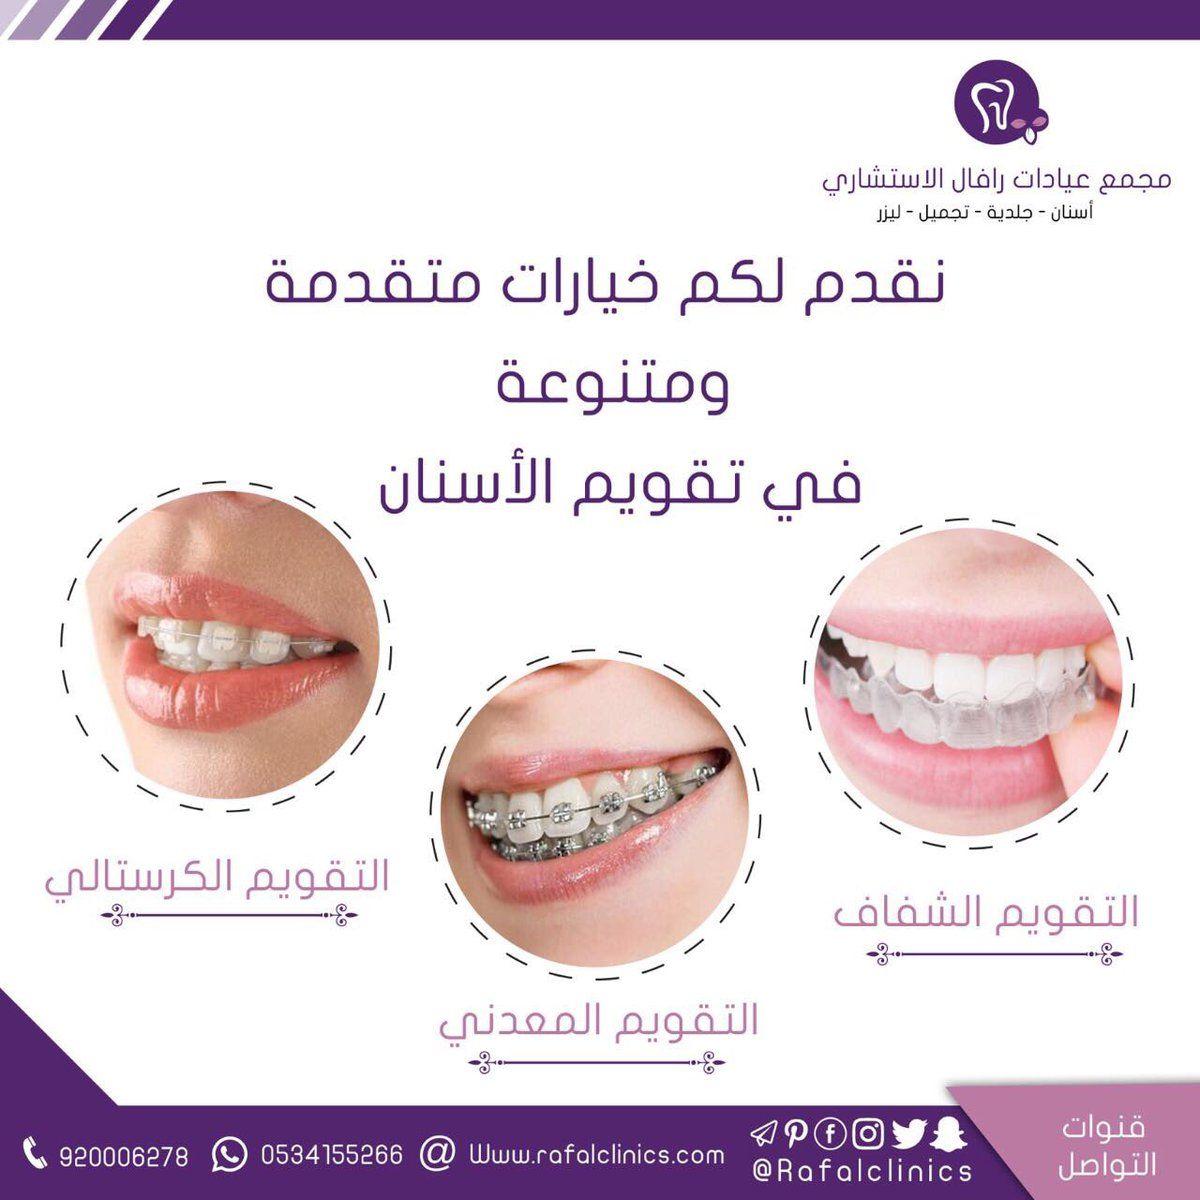 عيادات رافال تقويم الأسنان Dental Posts Dental Photoshop